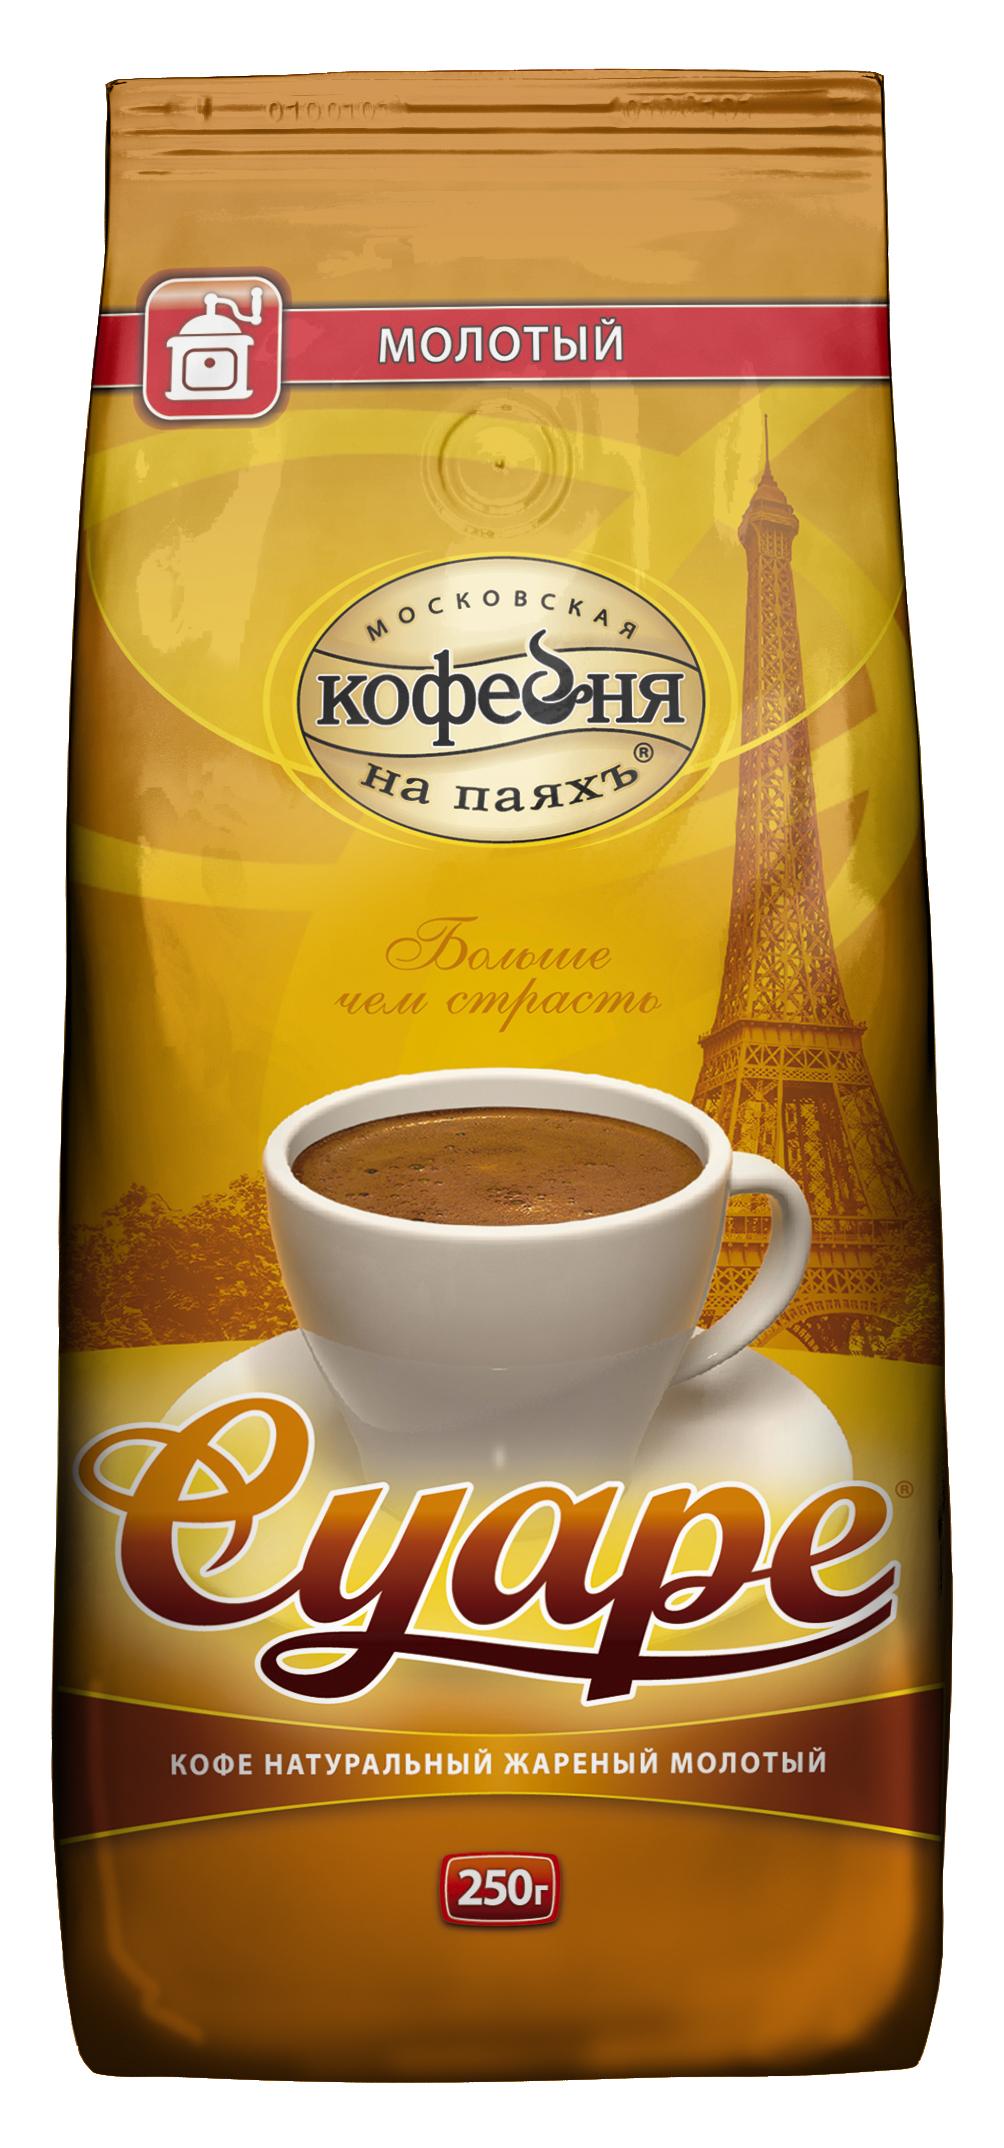 Московская кофейня на паяхъ Суаре кофе молотый, 250 г101246Кофе натуральный жареный молотый Московская кофейня на паяхъ Суаре.Кофе Суаре (с французского - вечерний романтический ужин на двоих) производится по старинному рецепту. За чашечкой кофе Суаре вы окунетесь в атмосферу уютных парижских кофеен. Старательно подобранные сорта кофе из Колумбии и Бразилии позволили создать букет мягкого, полного вкуса и насыщенного аромата.Этот крепкий, с благородной горчинкой кофе подойдет и для романтического вечера вдвоем, и для перерыва посреди напряженного рабочего дня. Специальный клапан на пакете гарантирует сохранение вкуса и аромата свежеобжаренного молотого кофе.